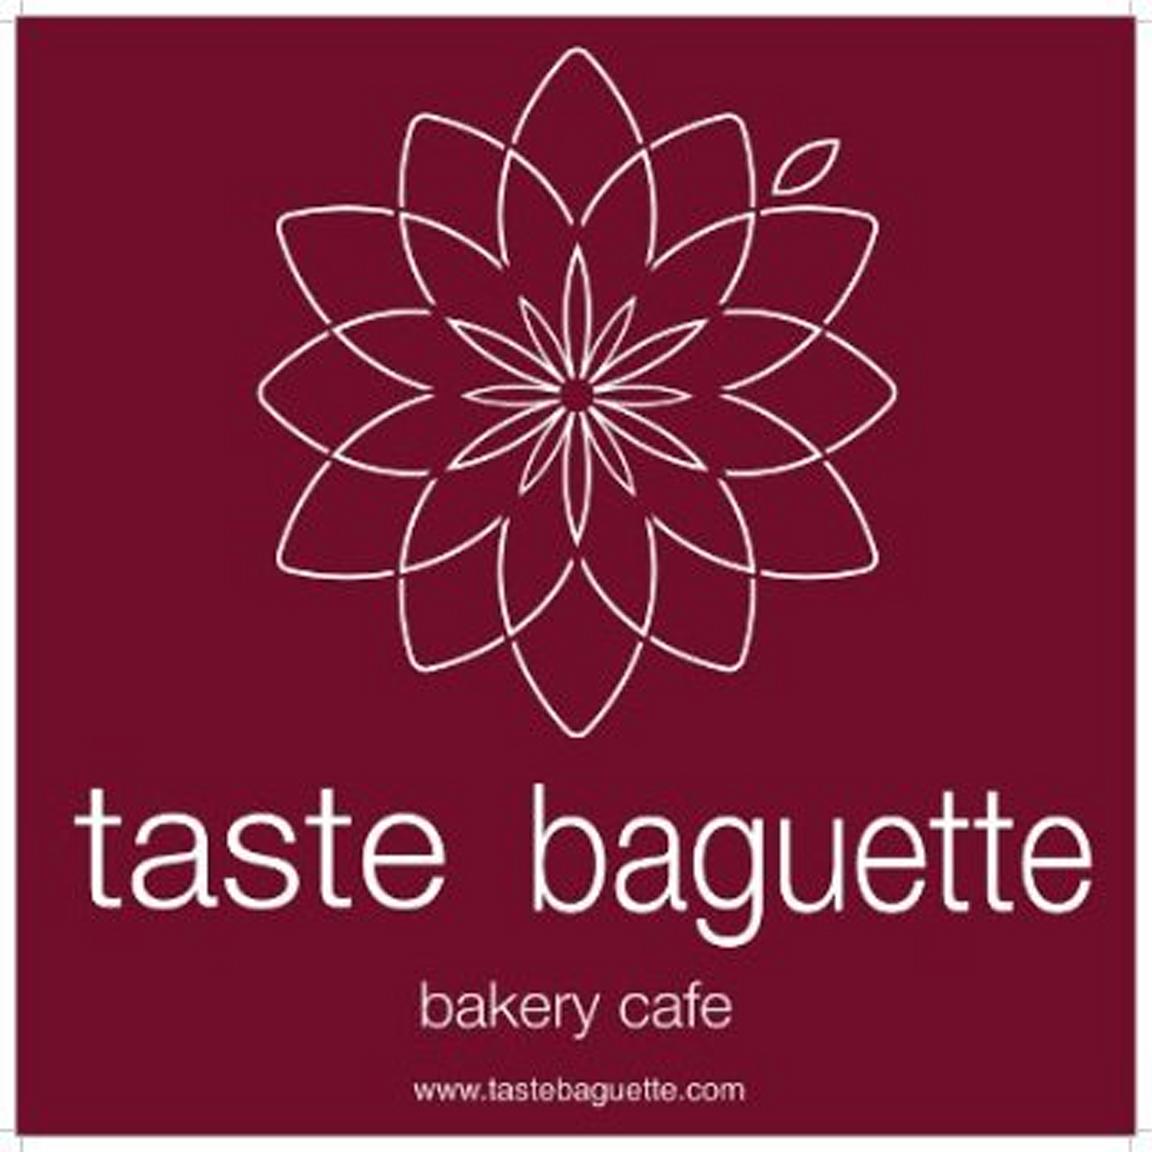 taste-baguette-logo